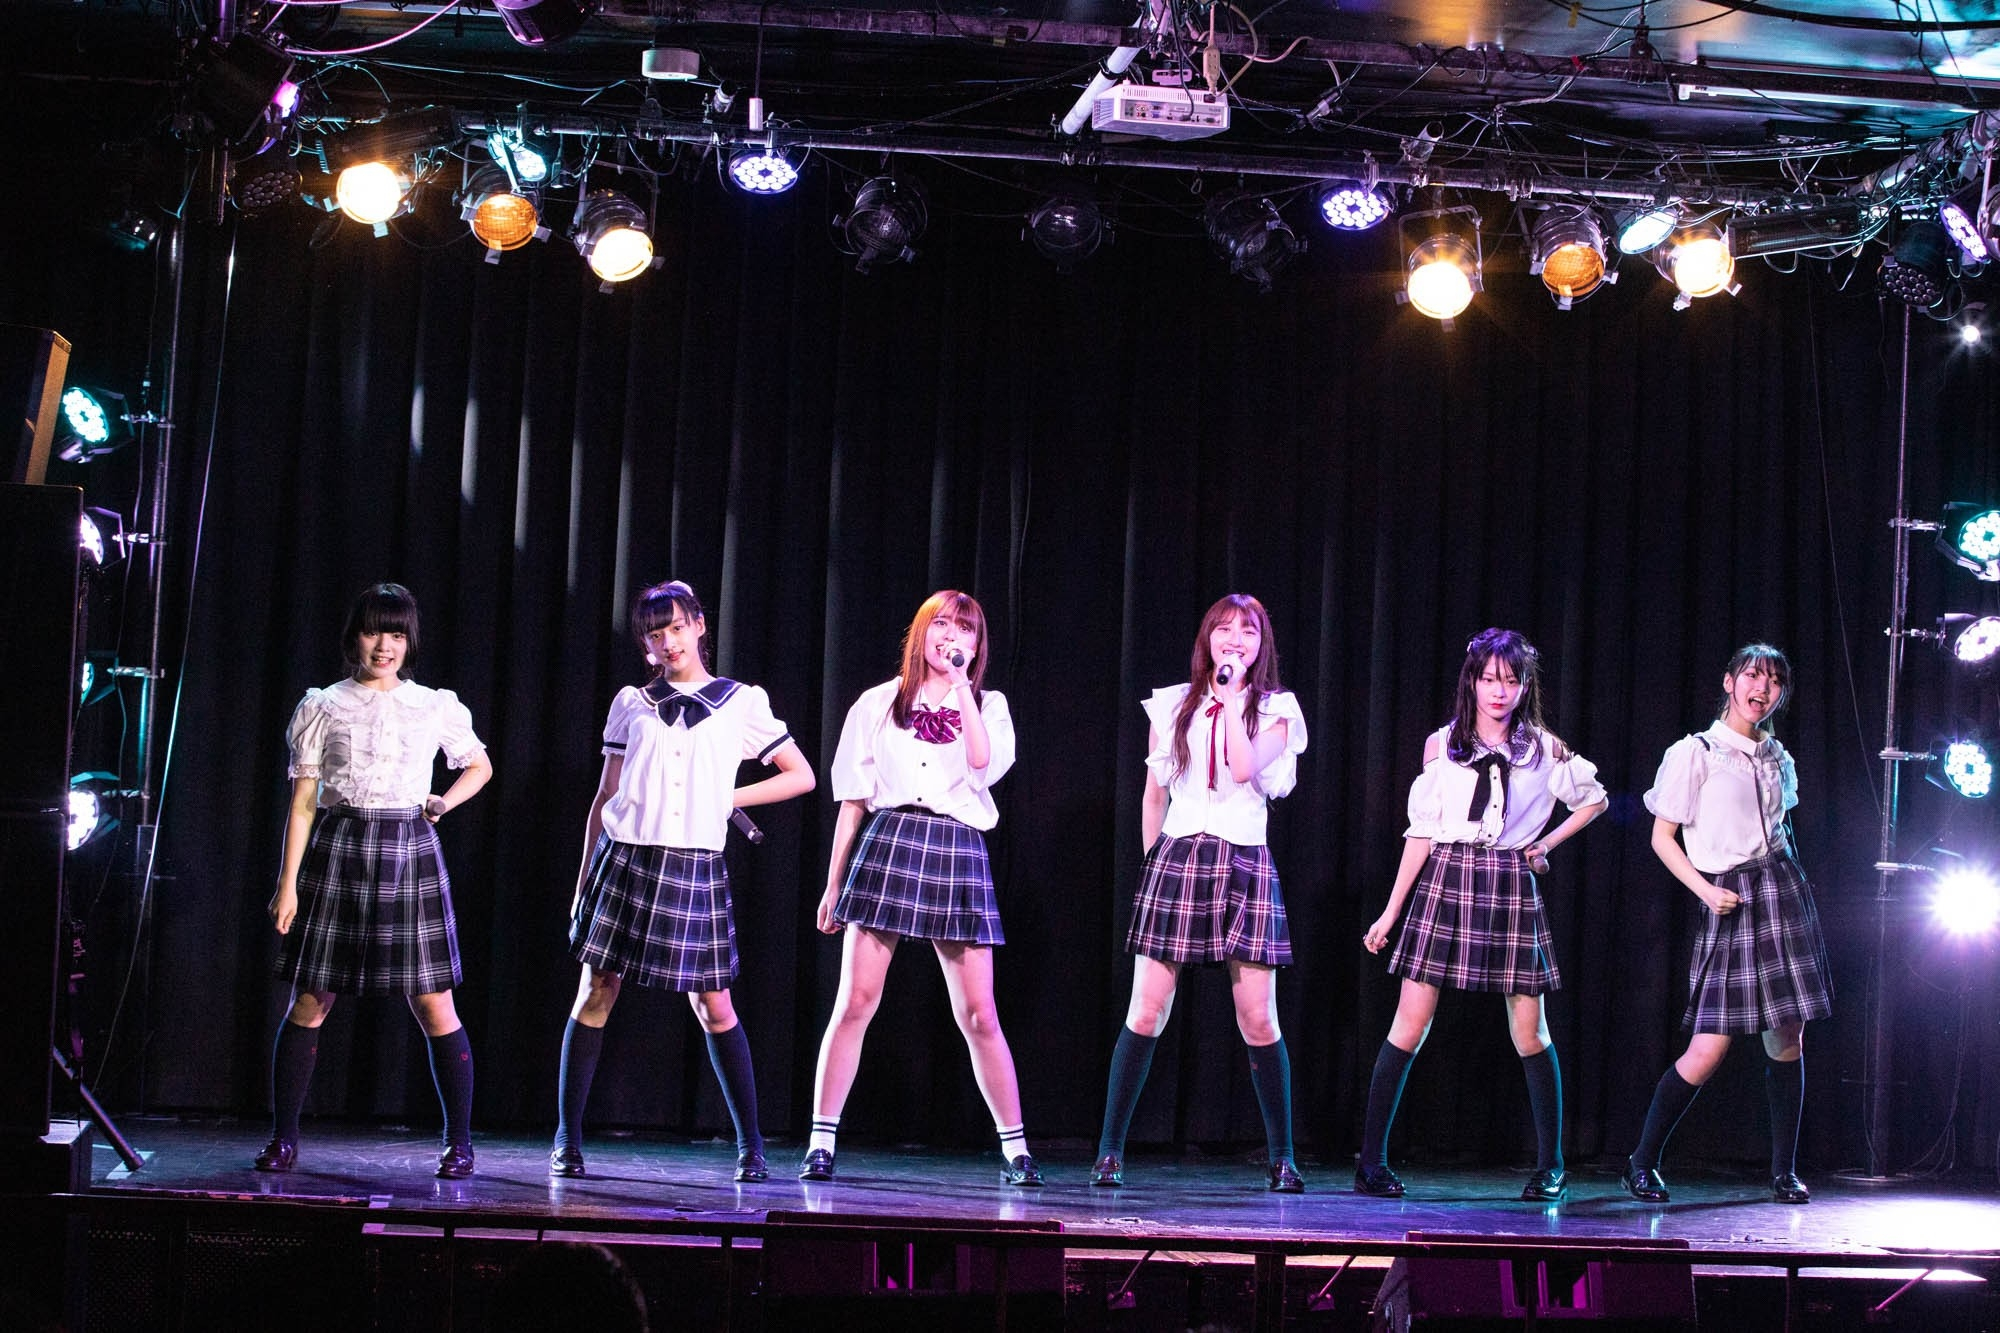 いもうとシスターズ大阪アイドルクラス オンライントーク会&チェキ会 #01